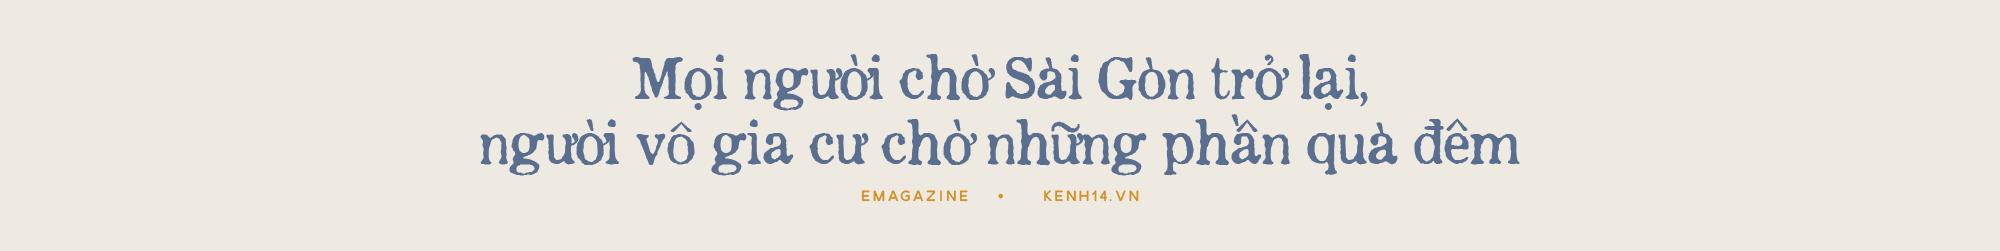 Từ những đôi mắt rớm đỏ ở Sài Gòn: Mọi người rủ nhau làm từ thiện, sẽ không có ai bị bỏ lại đằng sau - Ảnh 5.